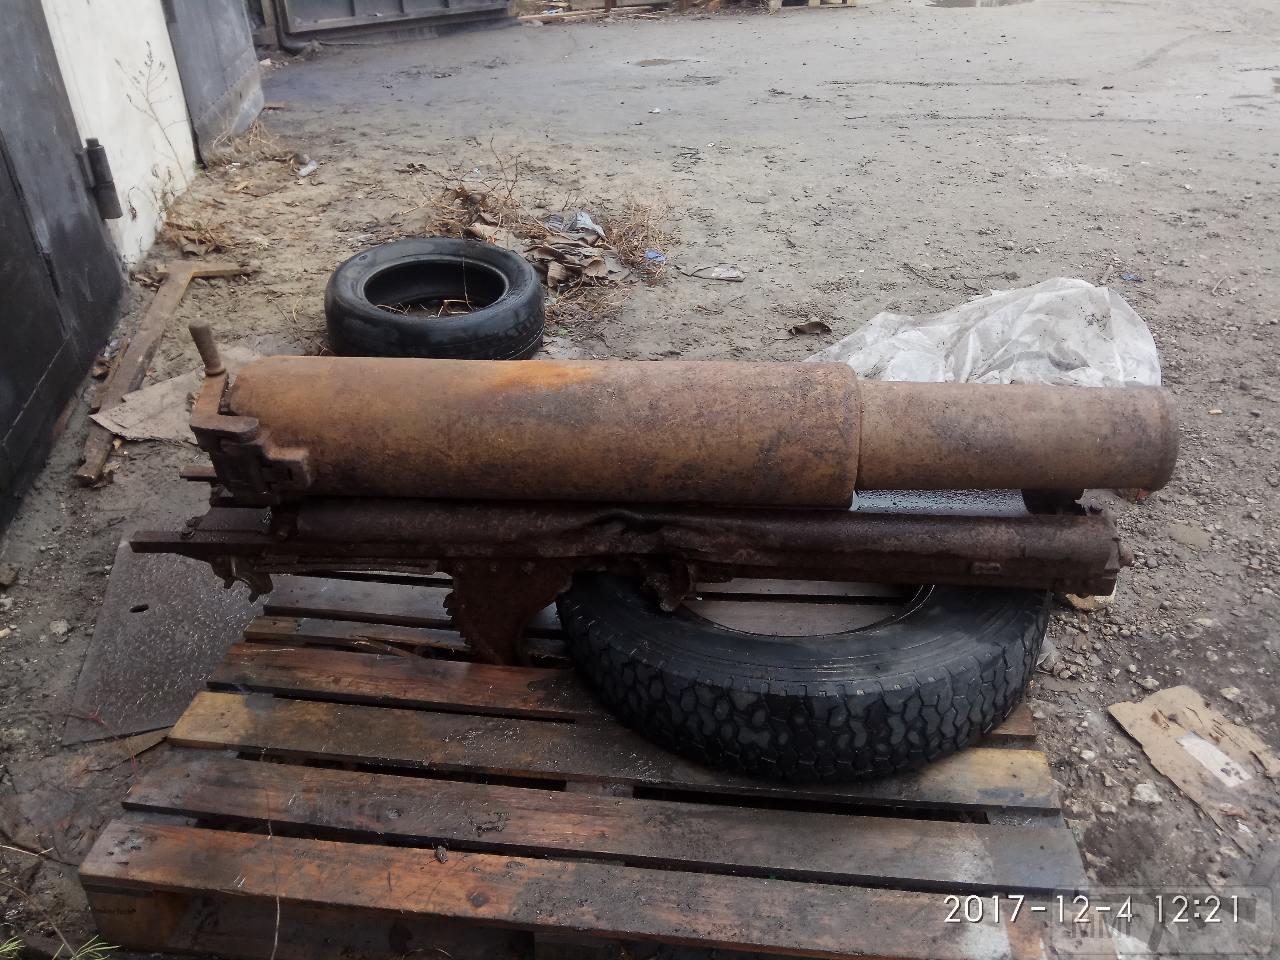 17577 - Колеса и лафет на полевую пушку обр 1927 года